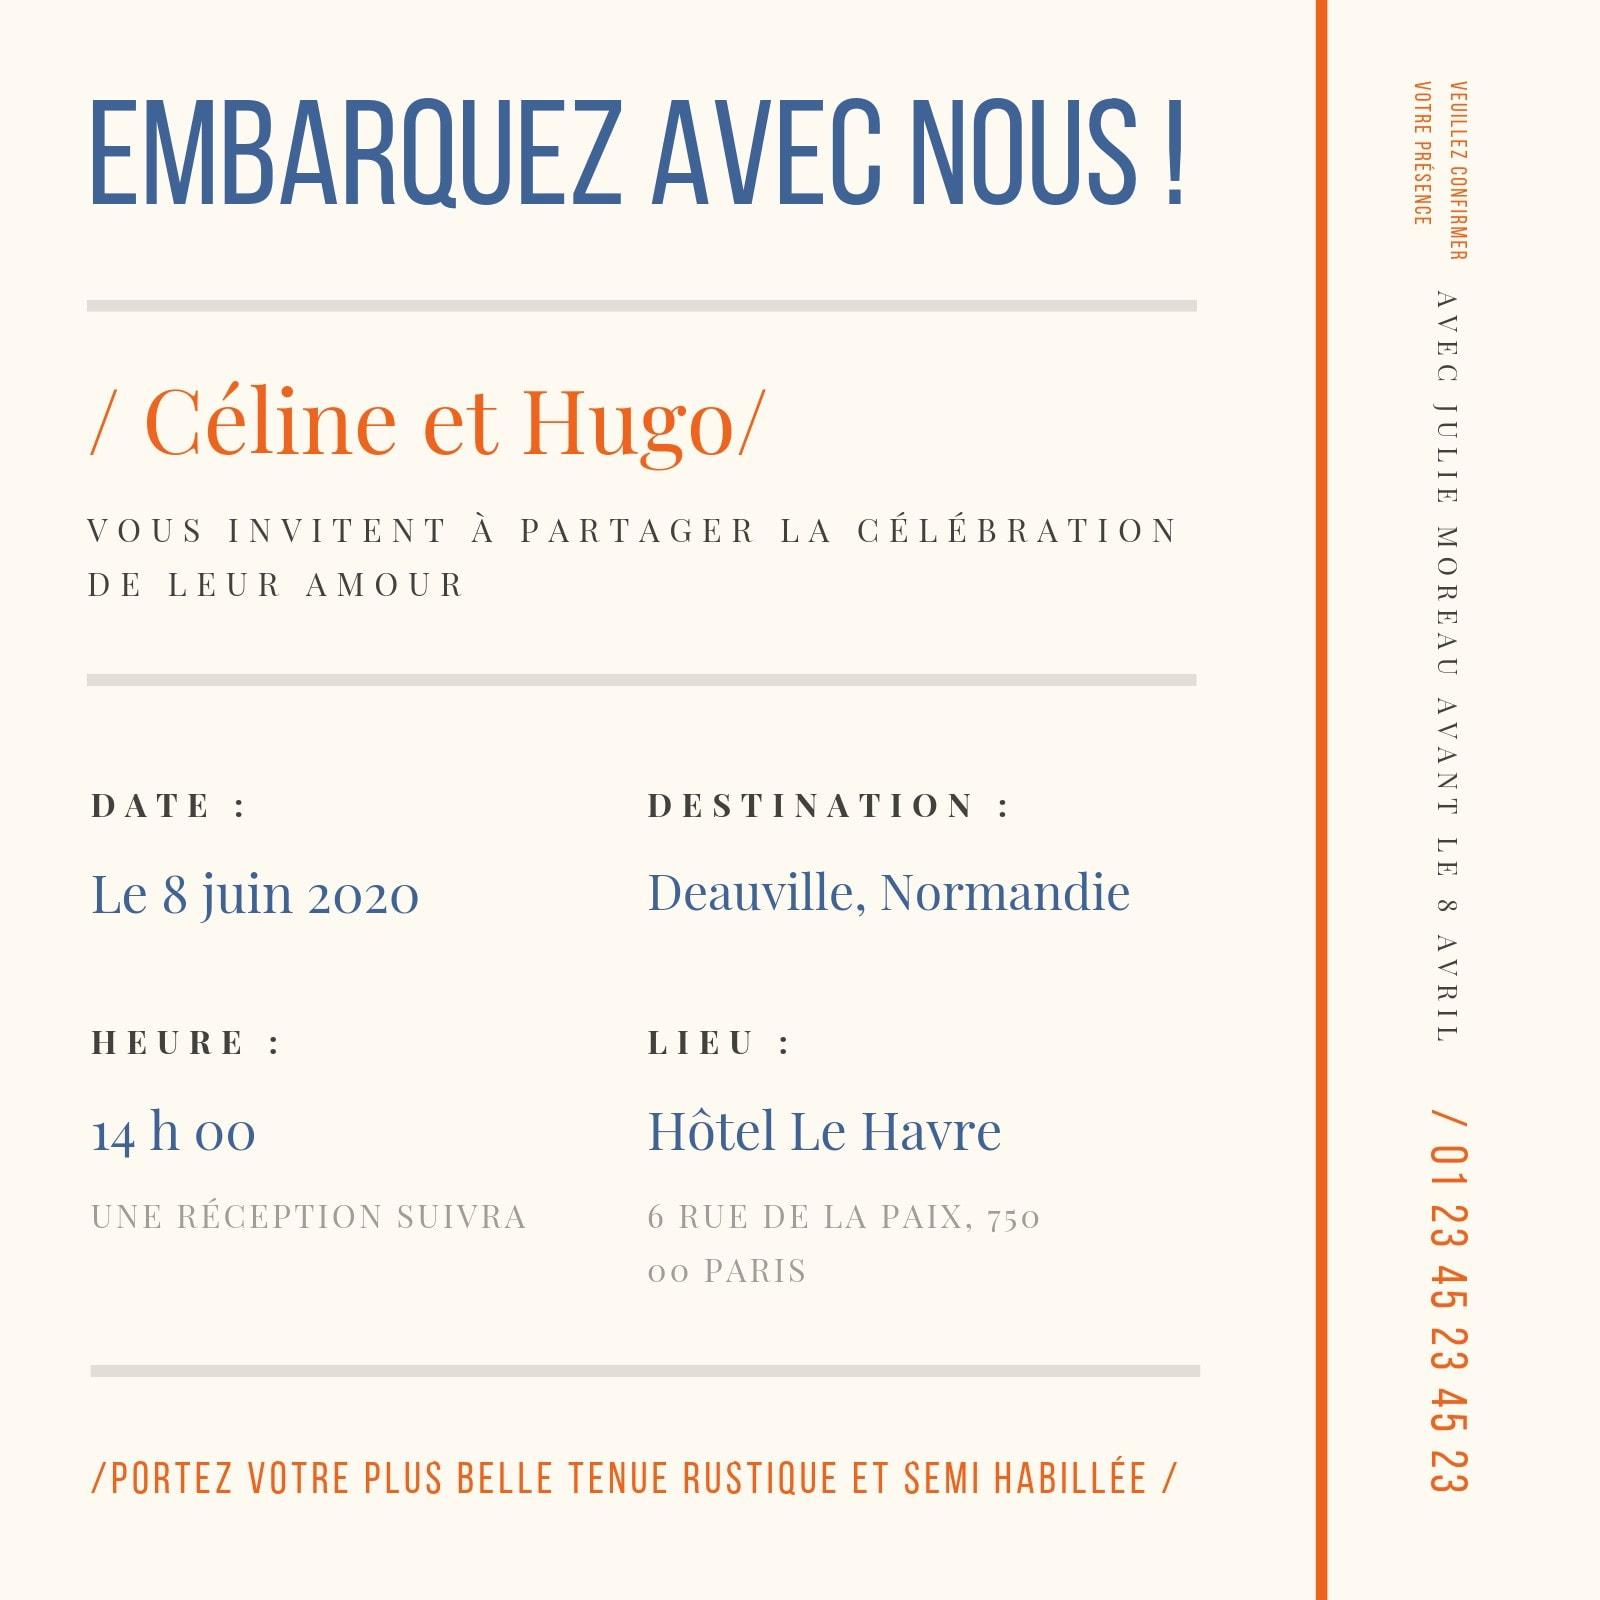 Crème Ligne droite Carte d'embarquement Mariage Invitation